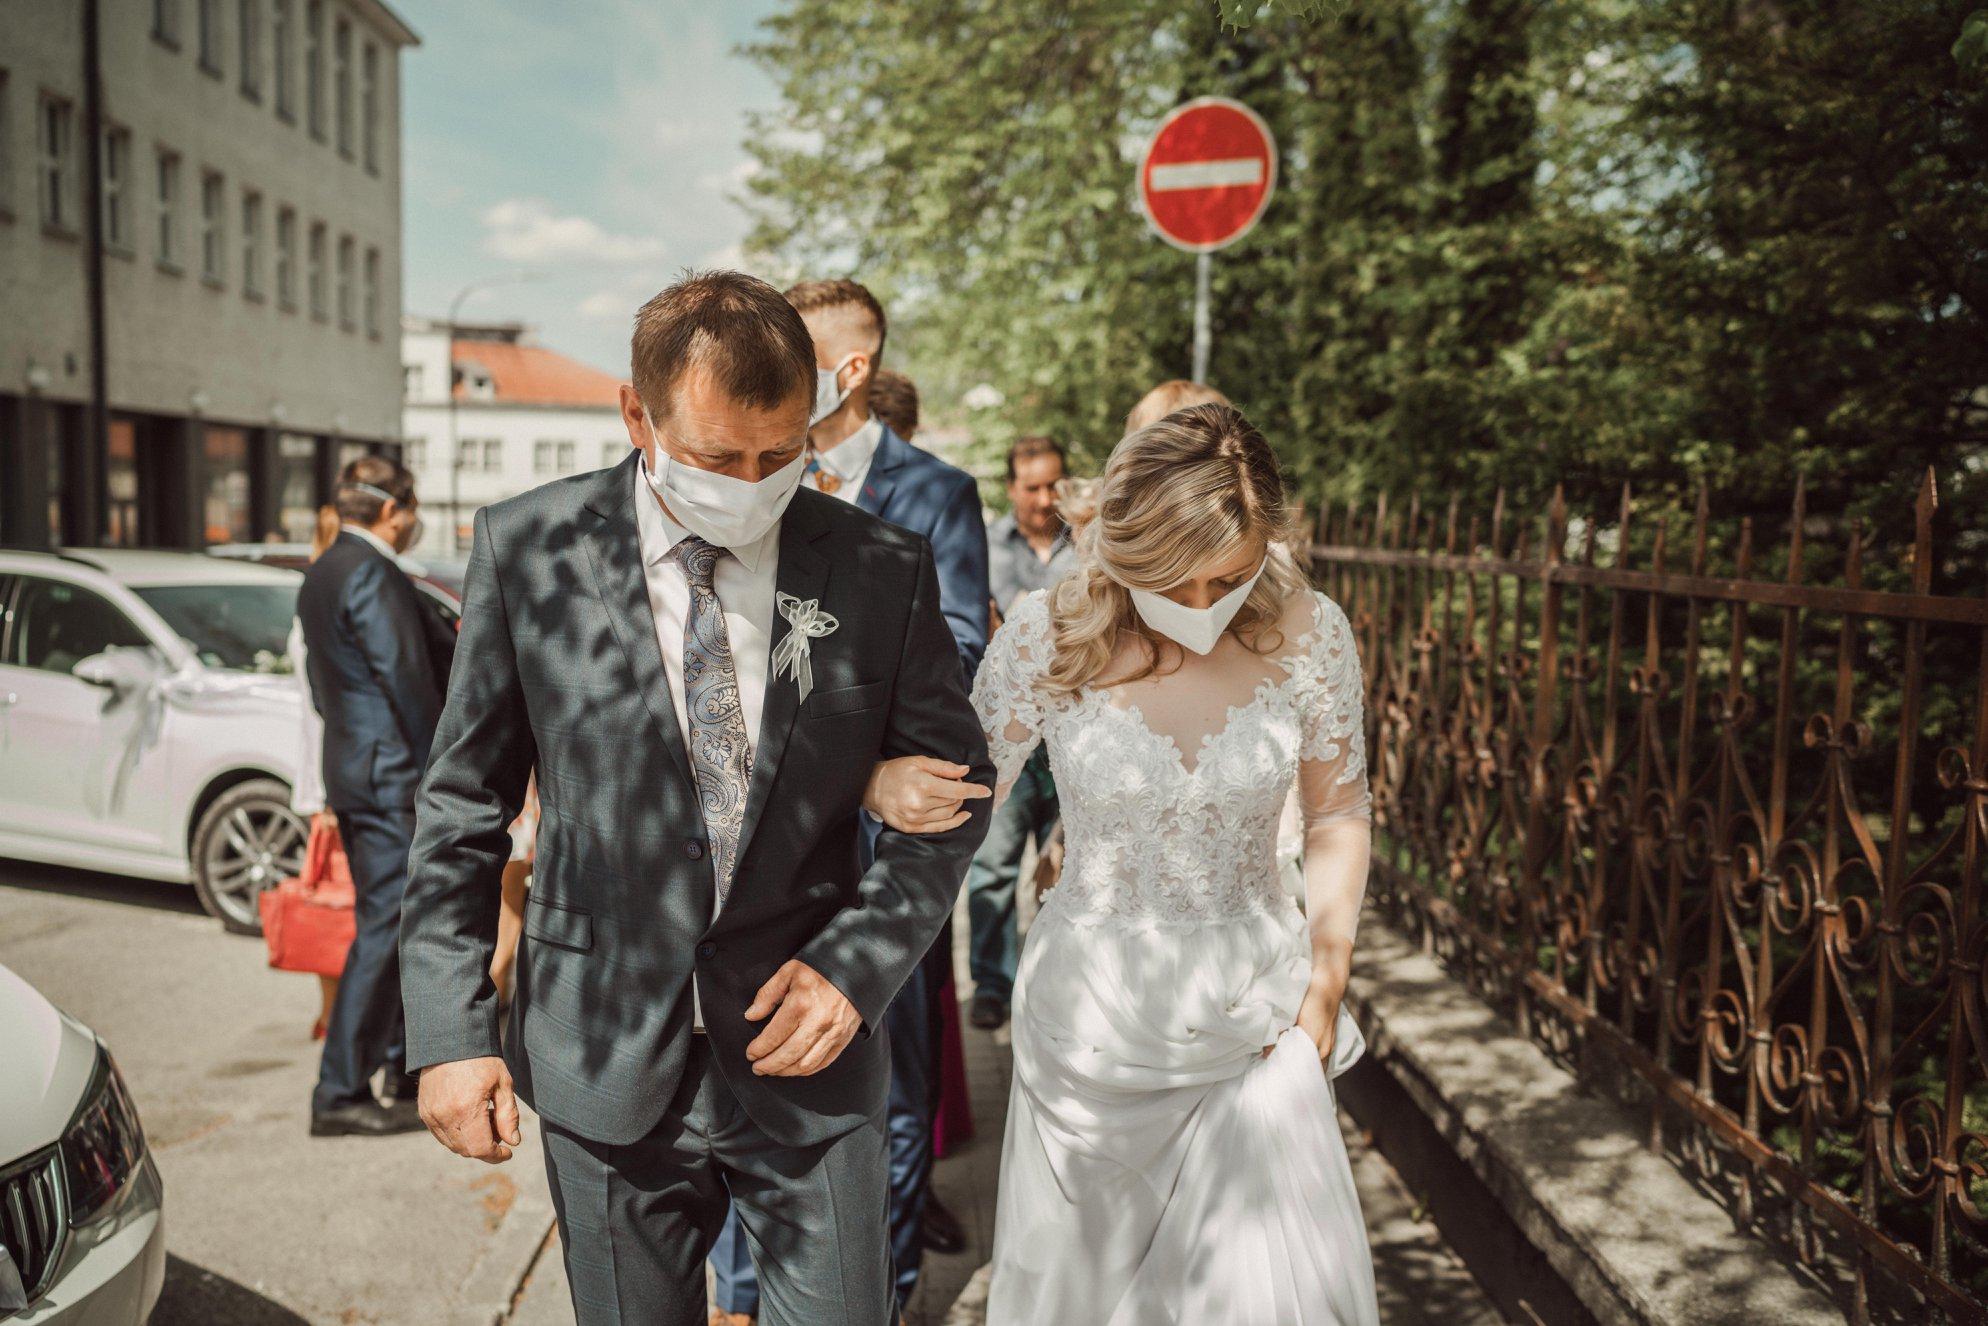 svadba-pocas-koronyjpg